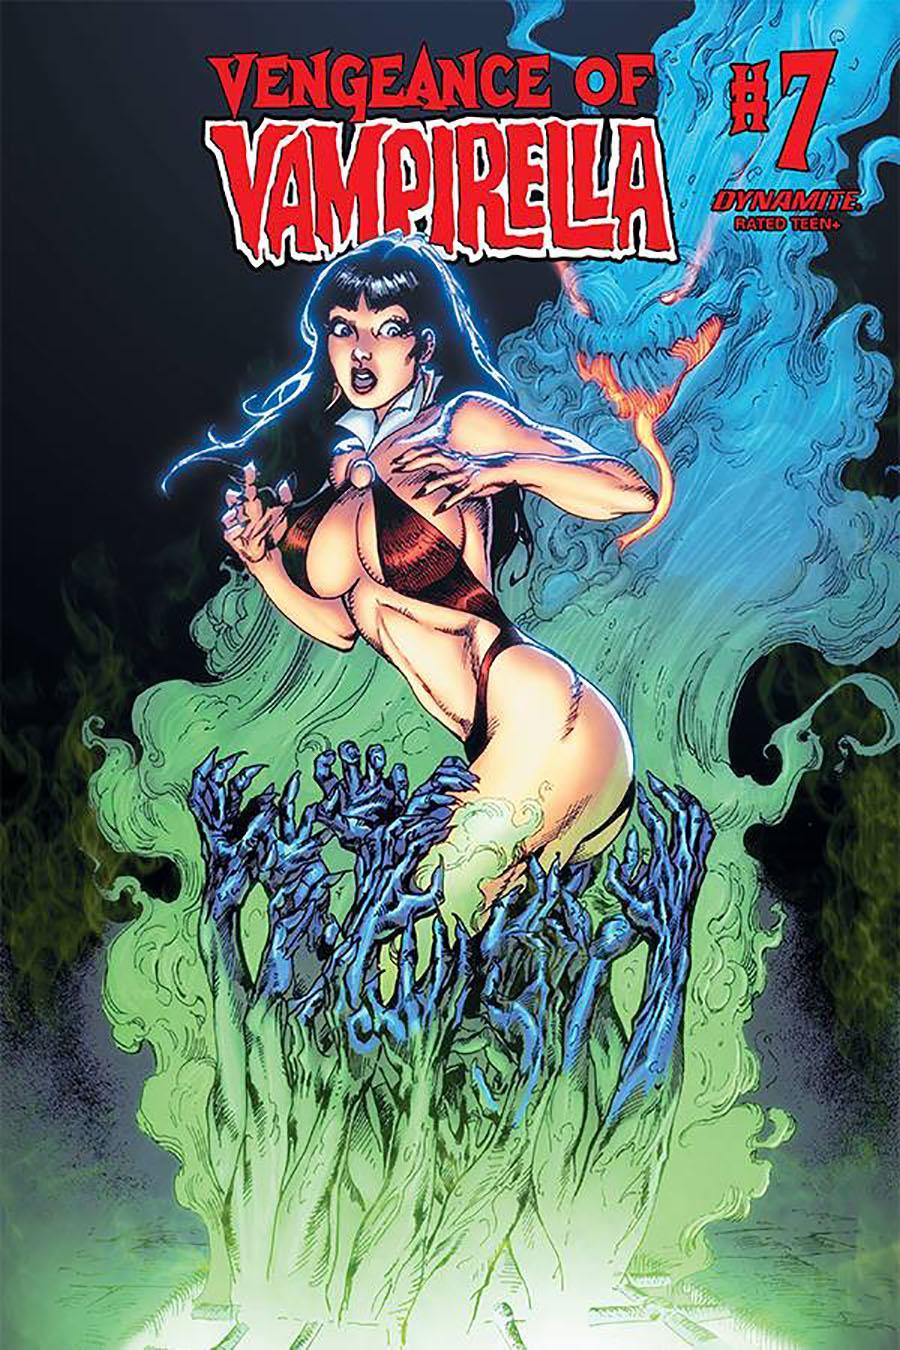 Vengeance Of Vampirella Vol 2 #7 Cover E Variant Roberto Castro Cover